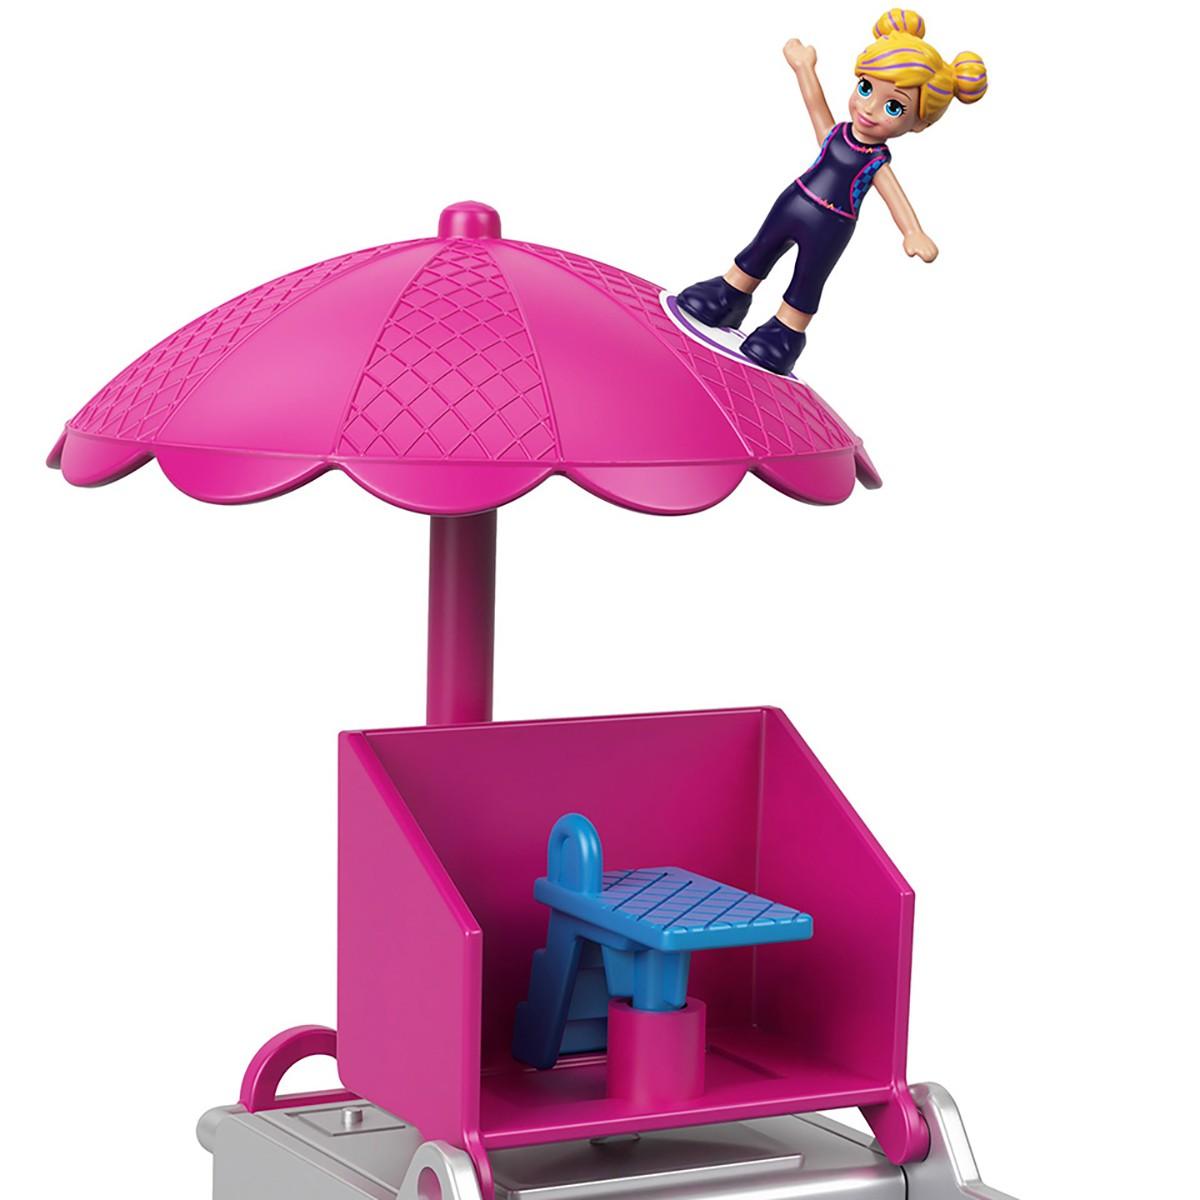 Polly Pocket Piscina Surpresa GFK51 Mattel